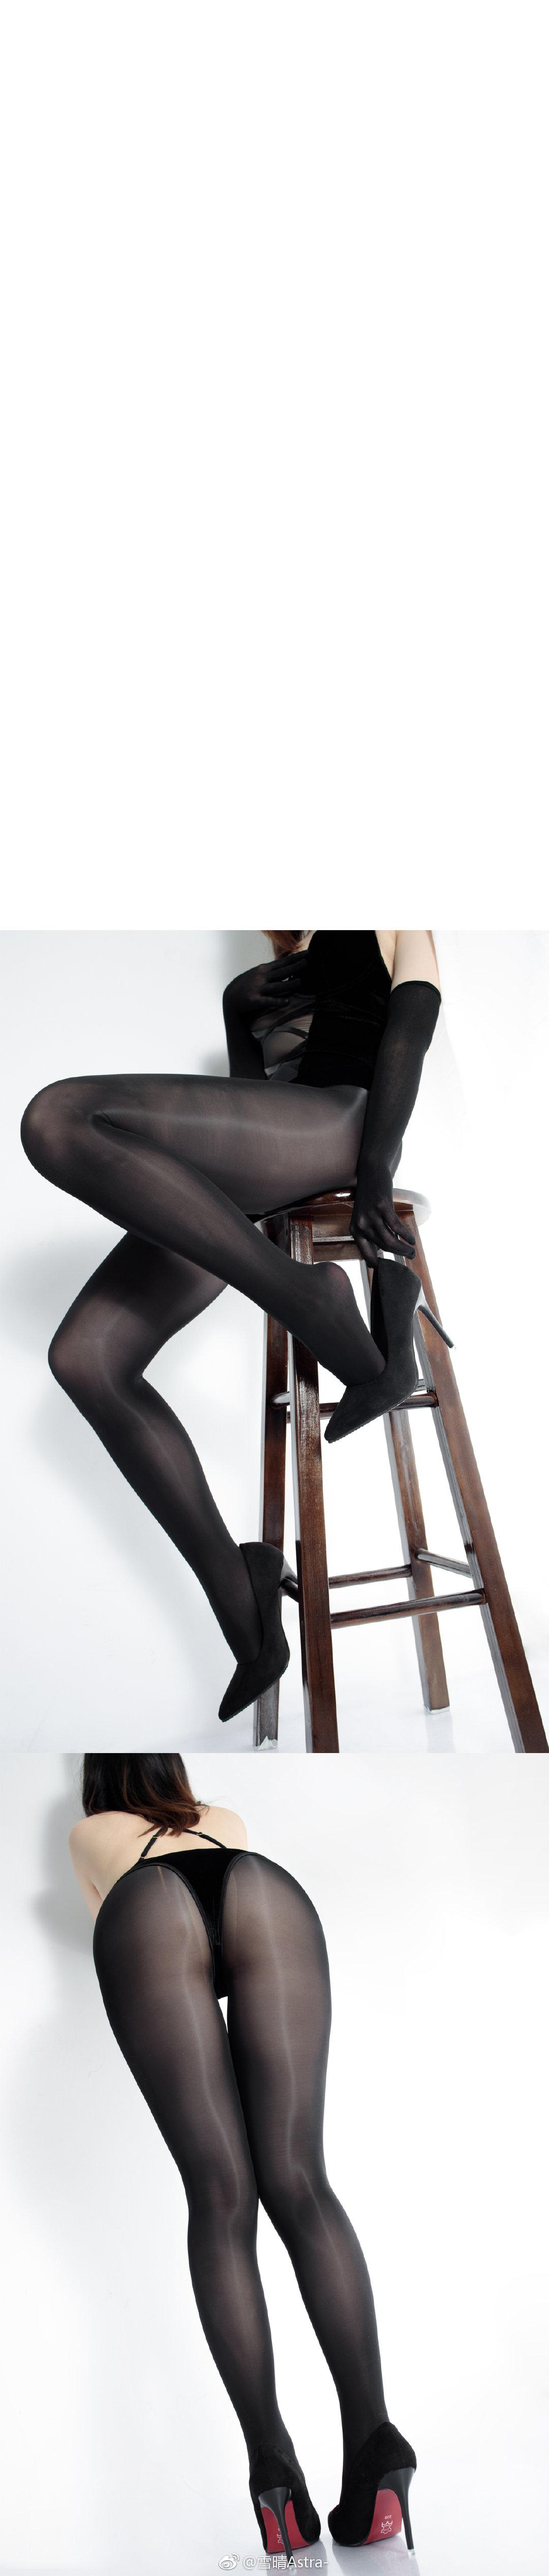 森萝财团WTMSB-002写真,这组丝袜质感真棒